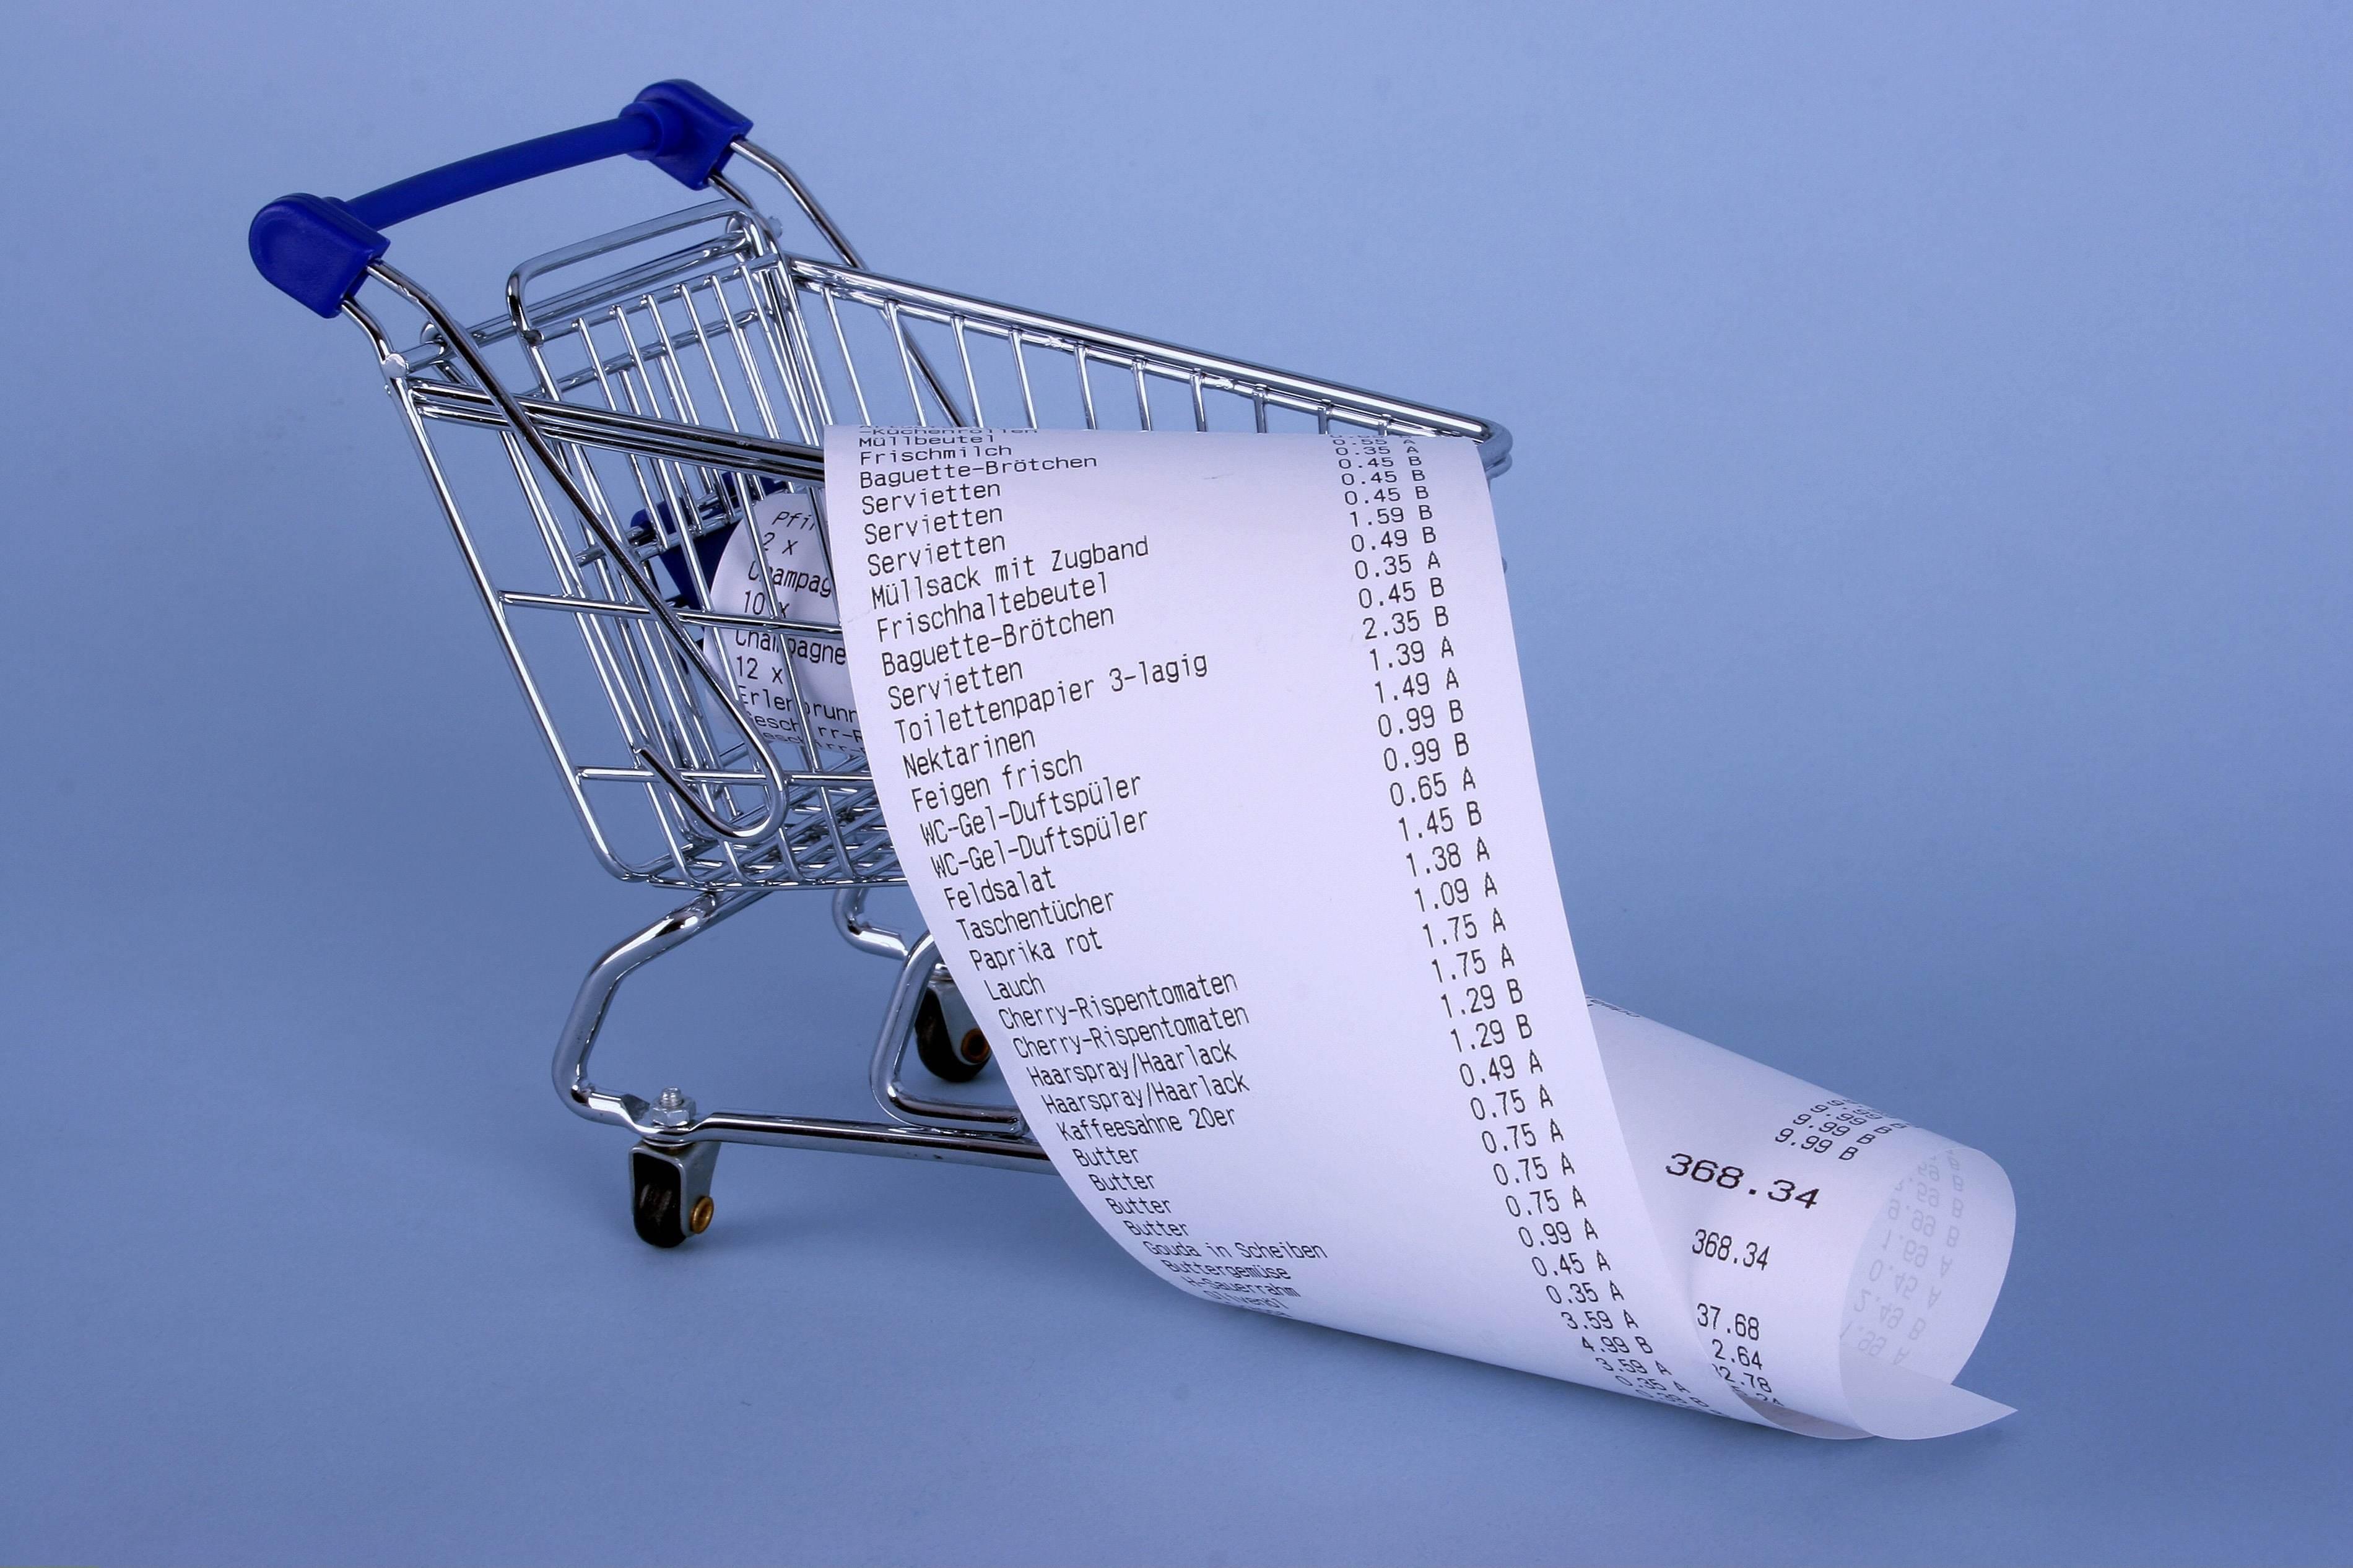 Compras preços inflação IPCA IPG-M